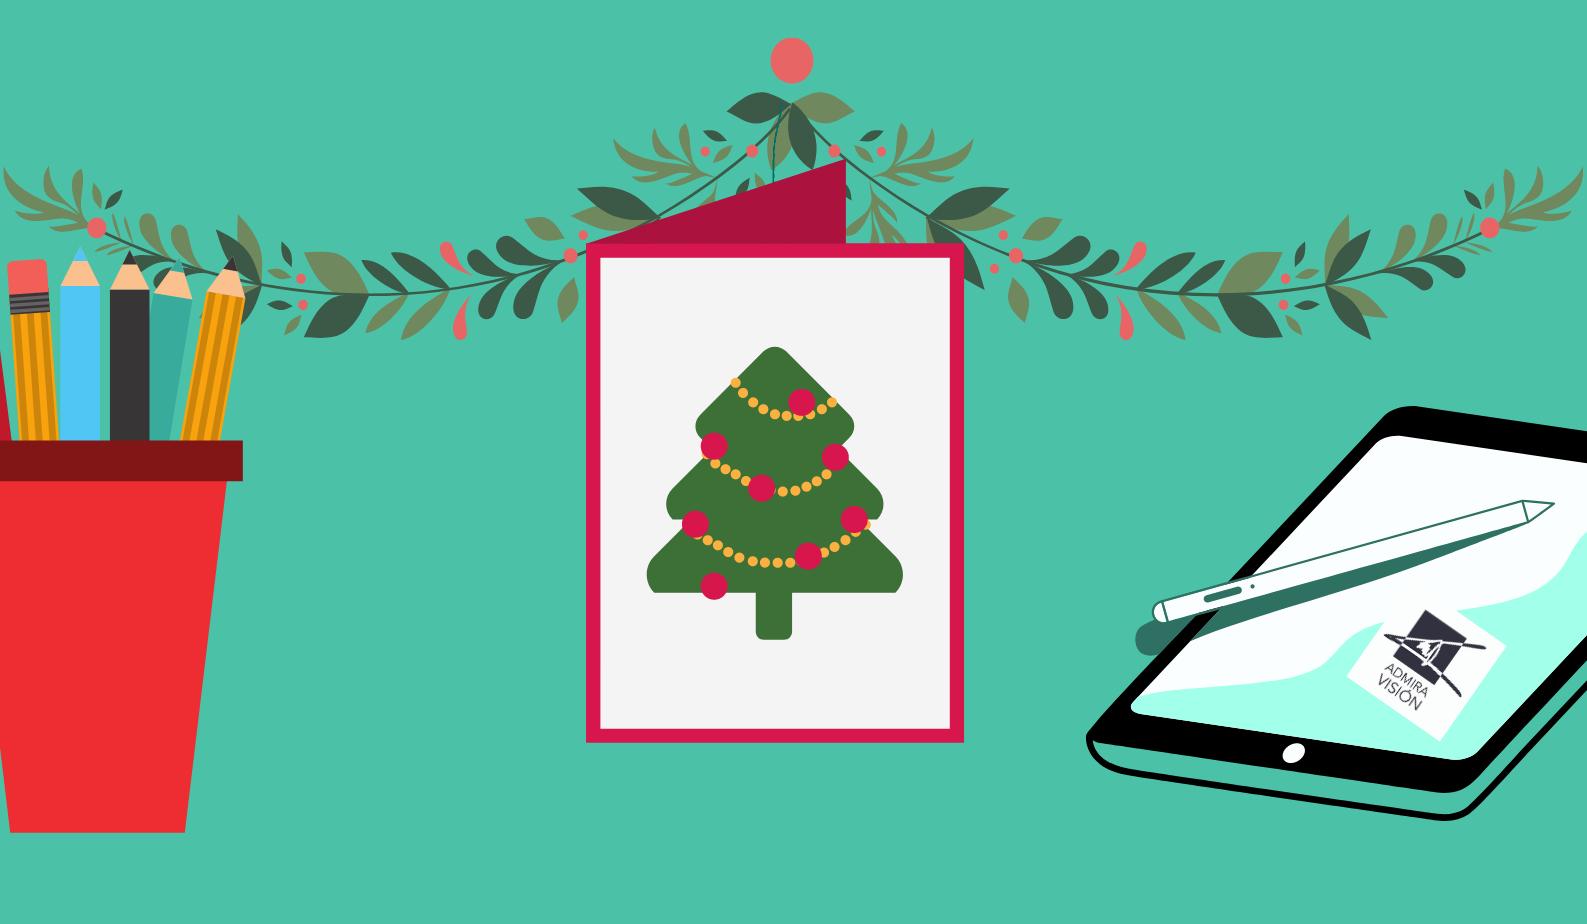 VII Concurso dibujo. Diseña nuestra postal de Navidad